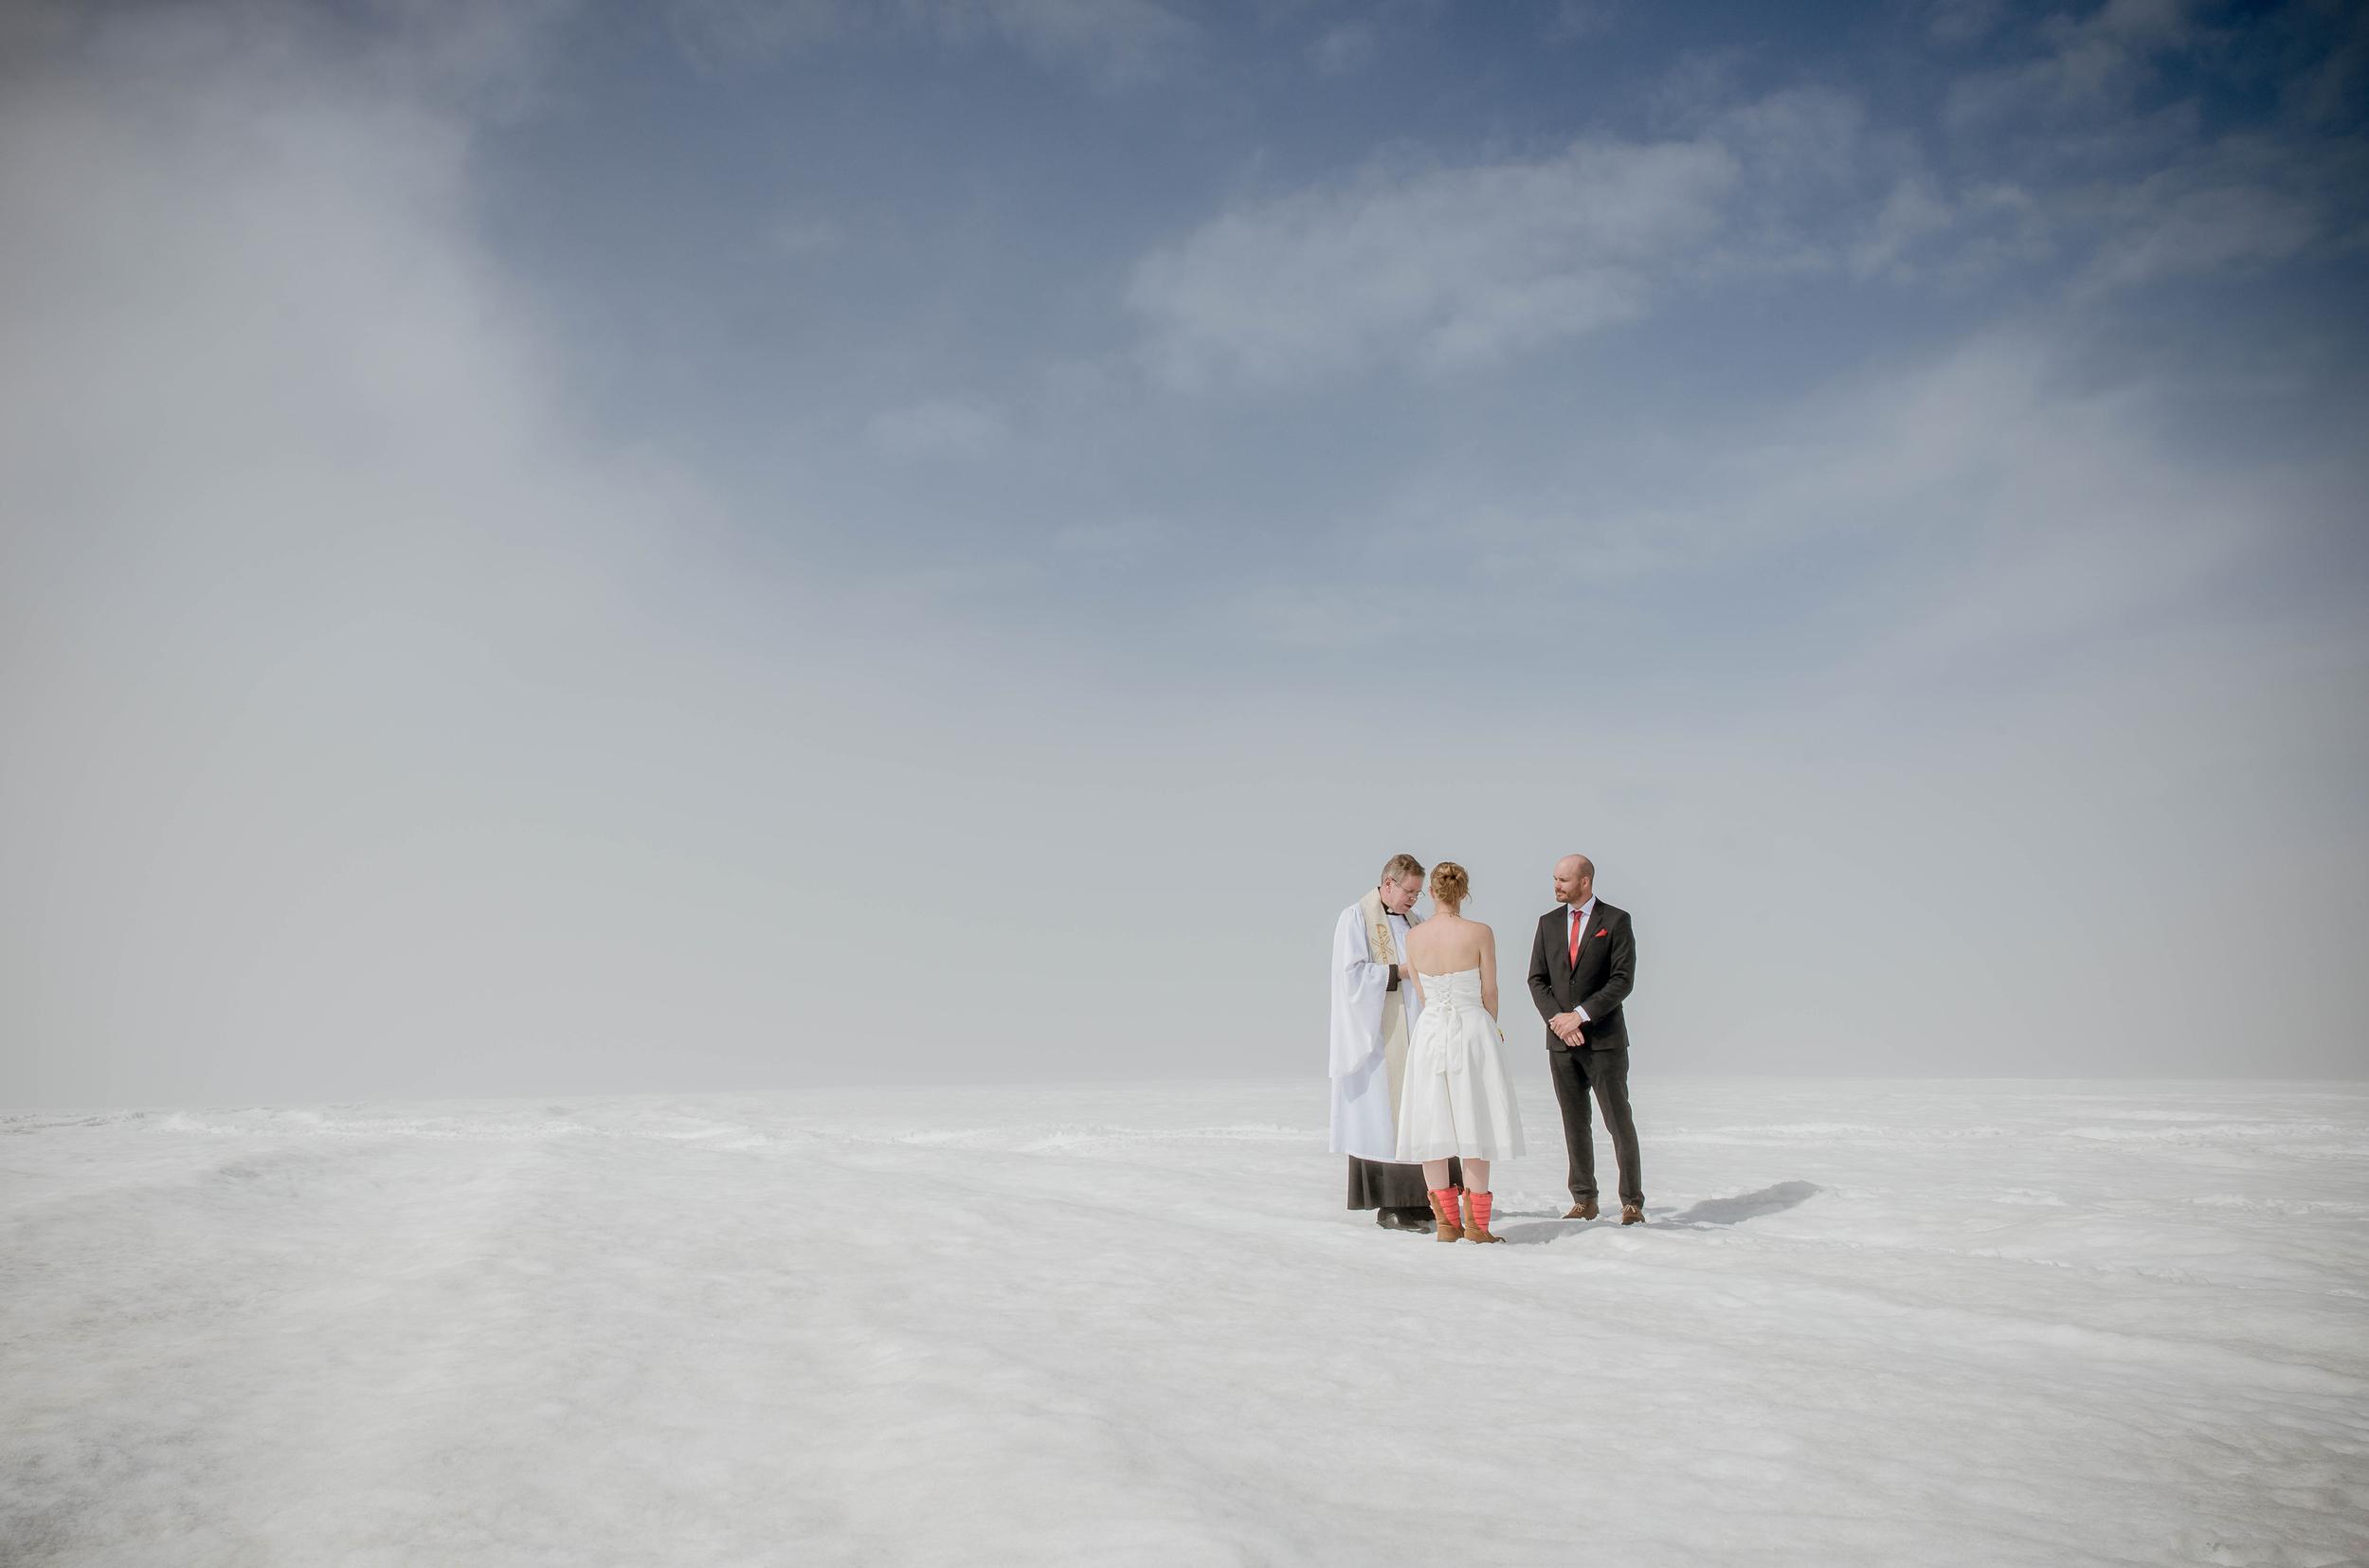 Iceland Glacier Wedding Photos by Miss Ann-3.jpg